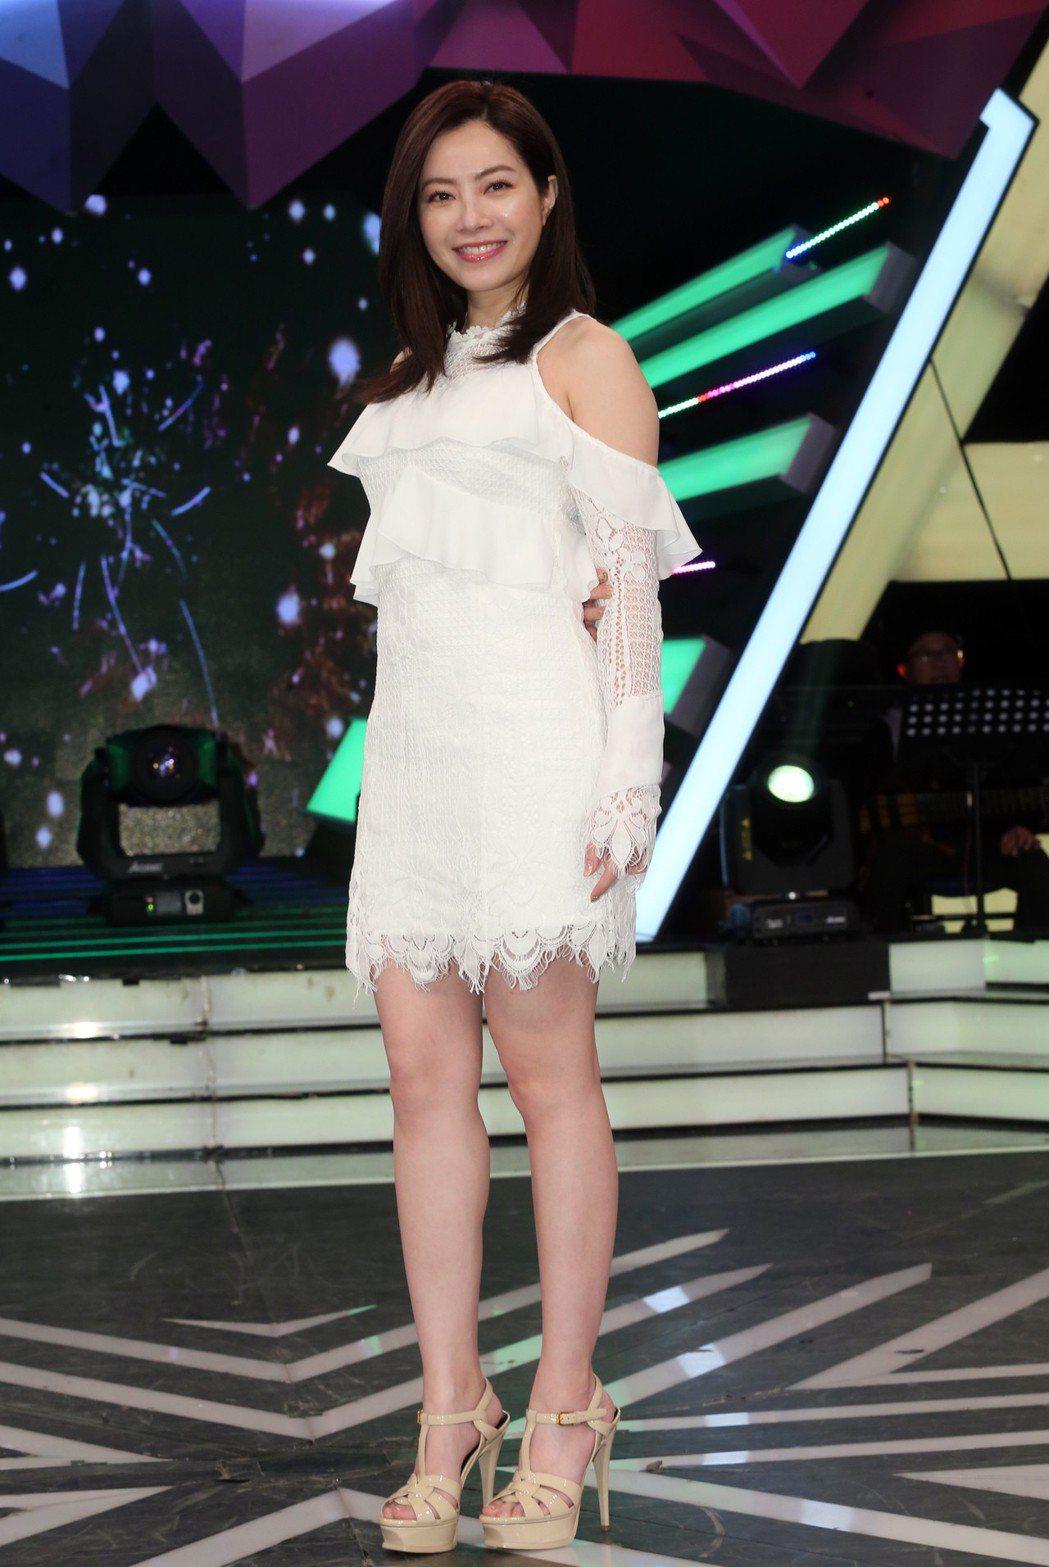 徐懷鈺參加吳宗憲主持的《綜藝大熱門》節目錄影宣傳演唱會。記者徐兆玄/攝影